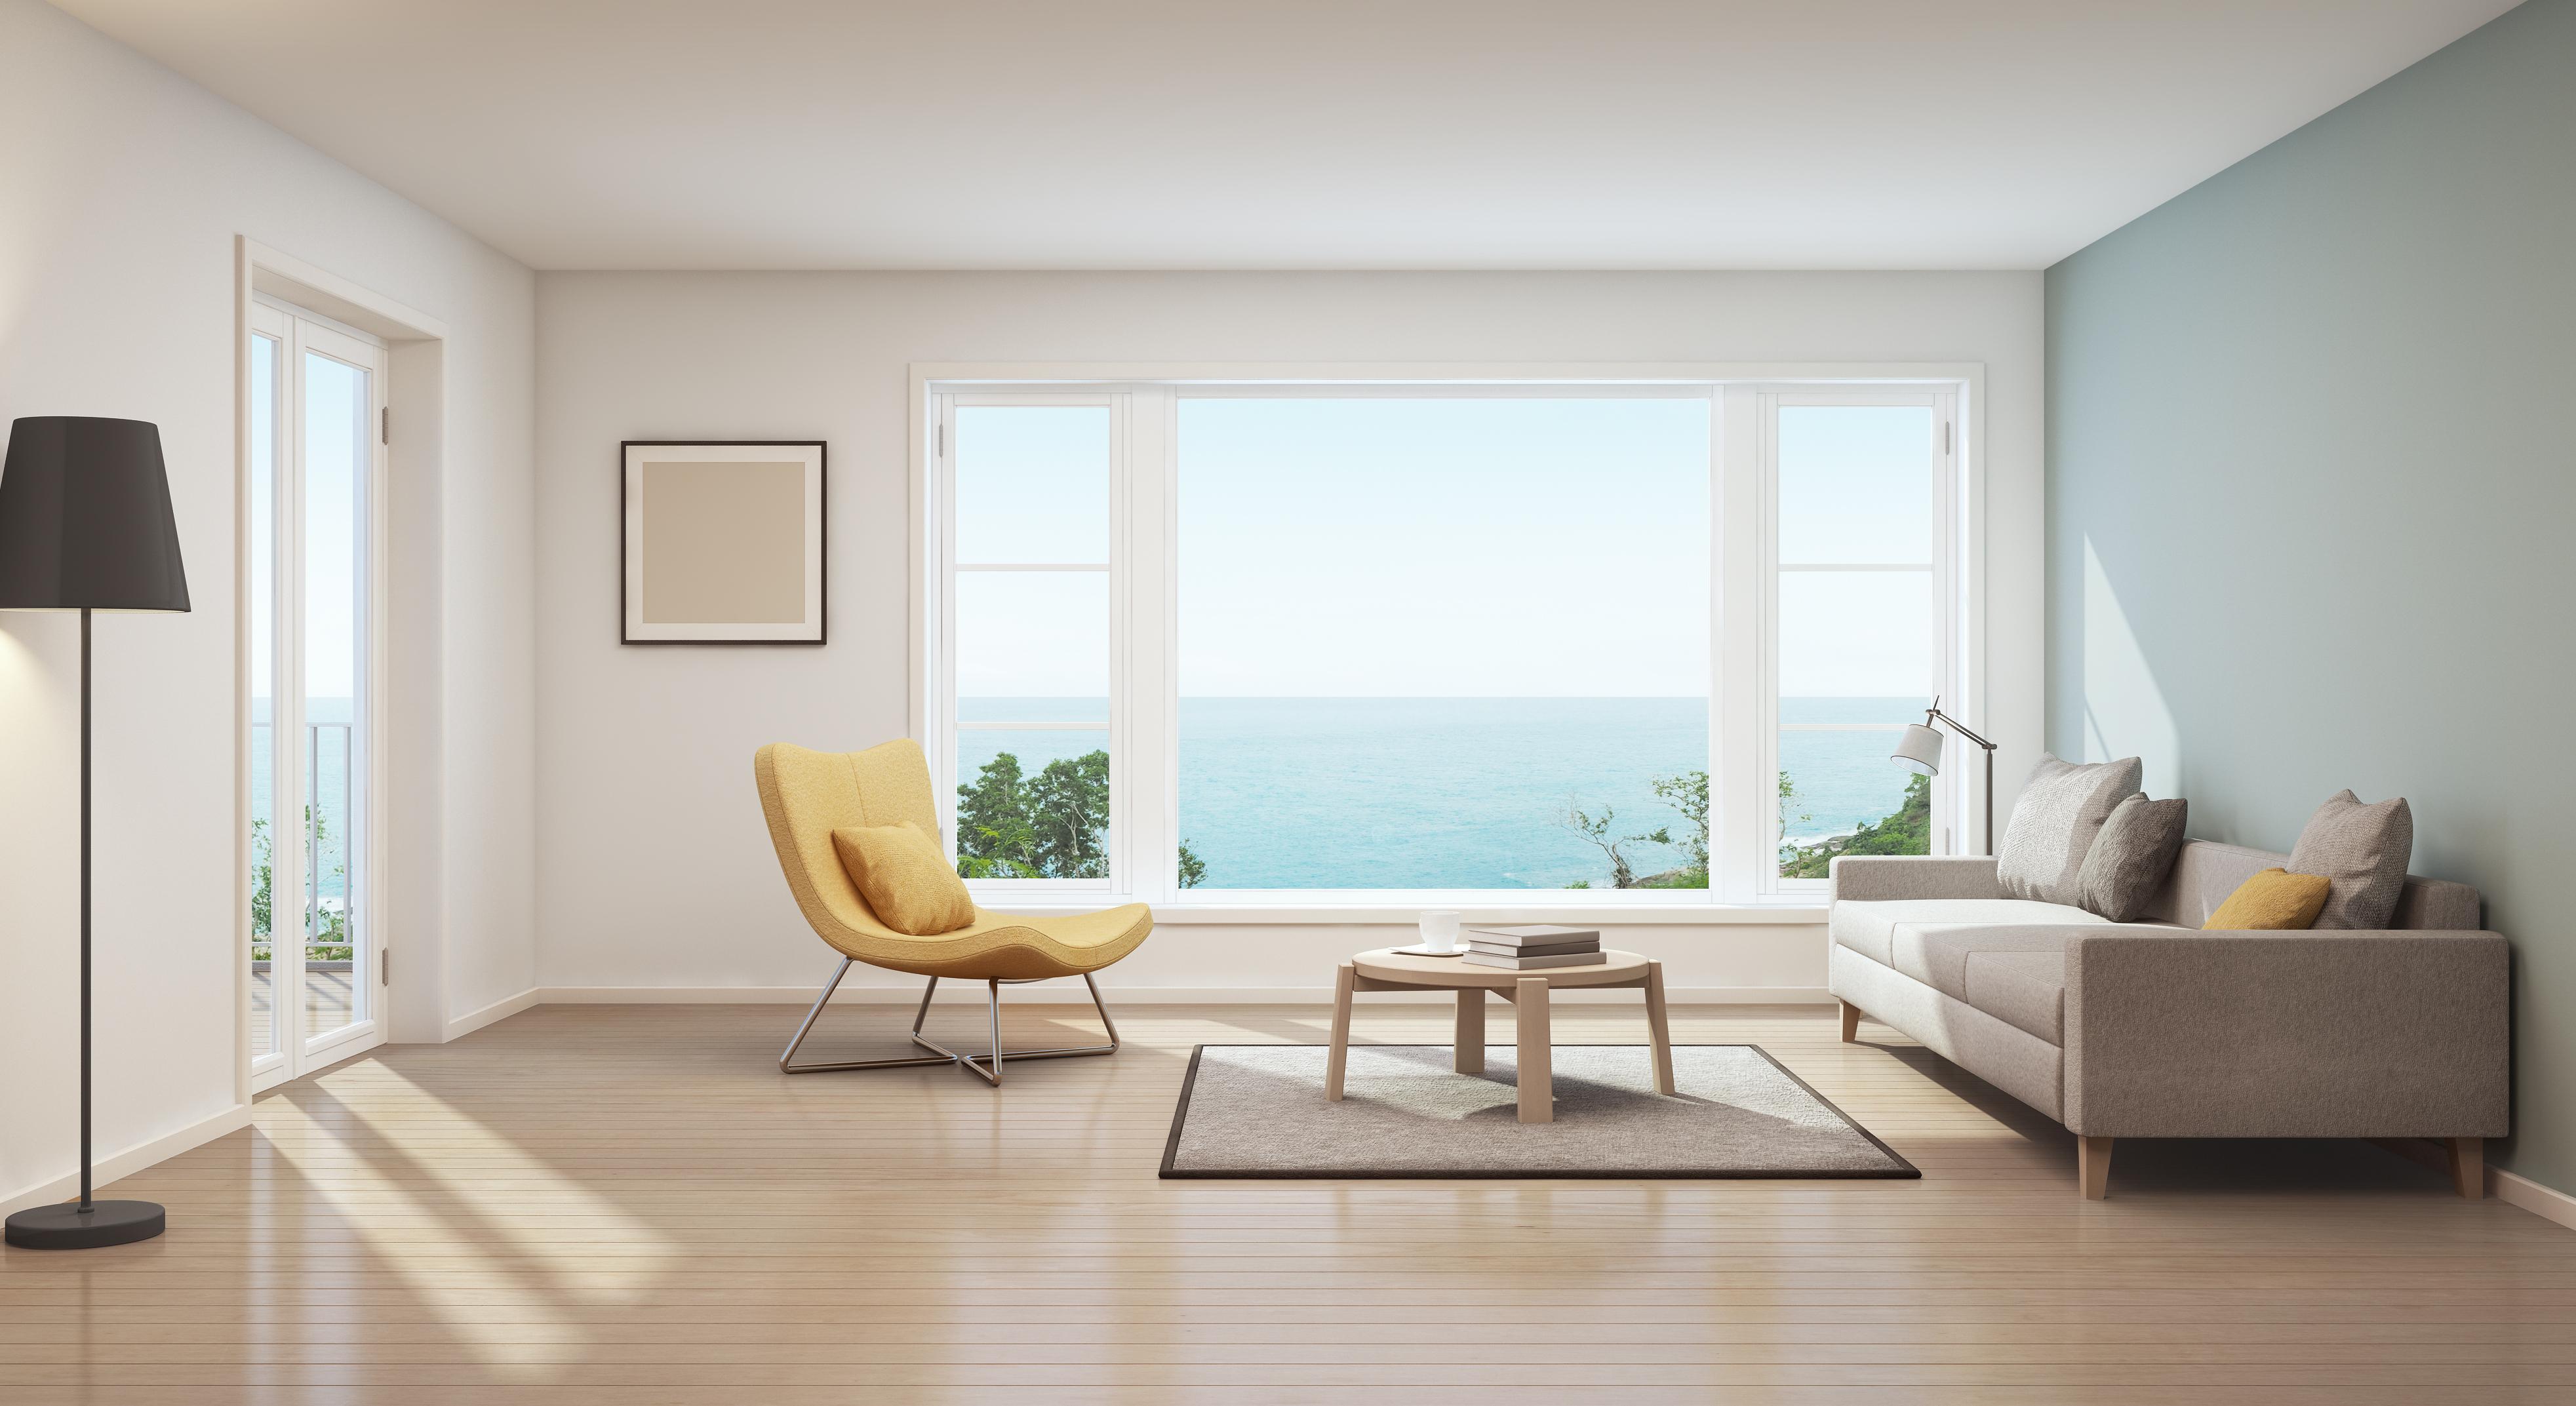 Comprar una casa pasiva